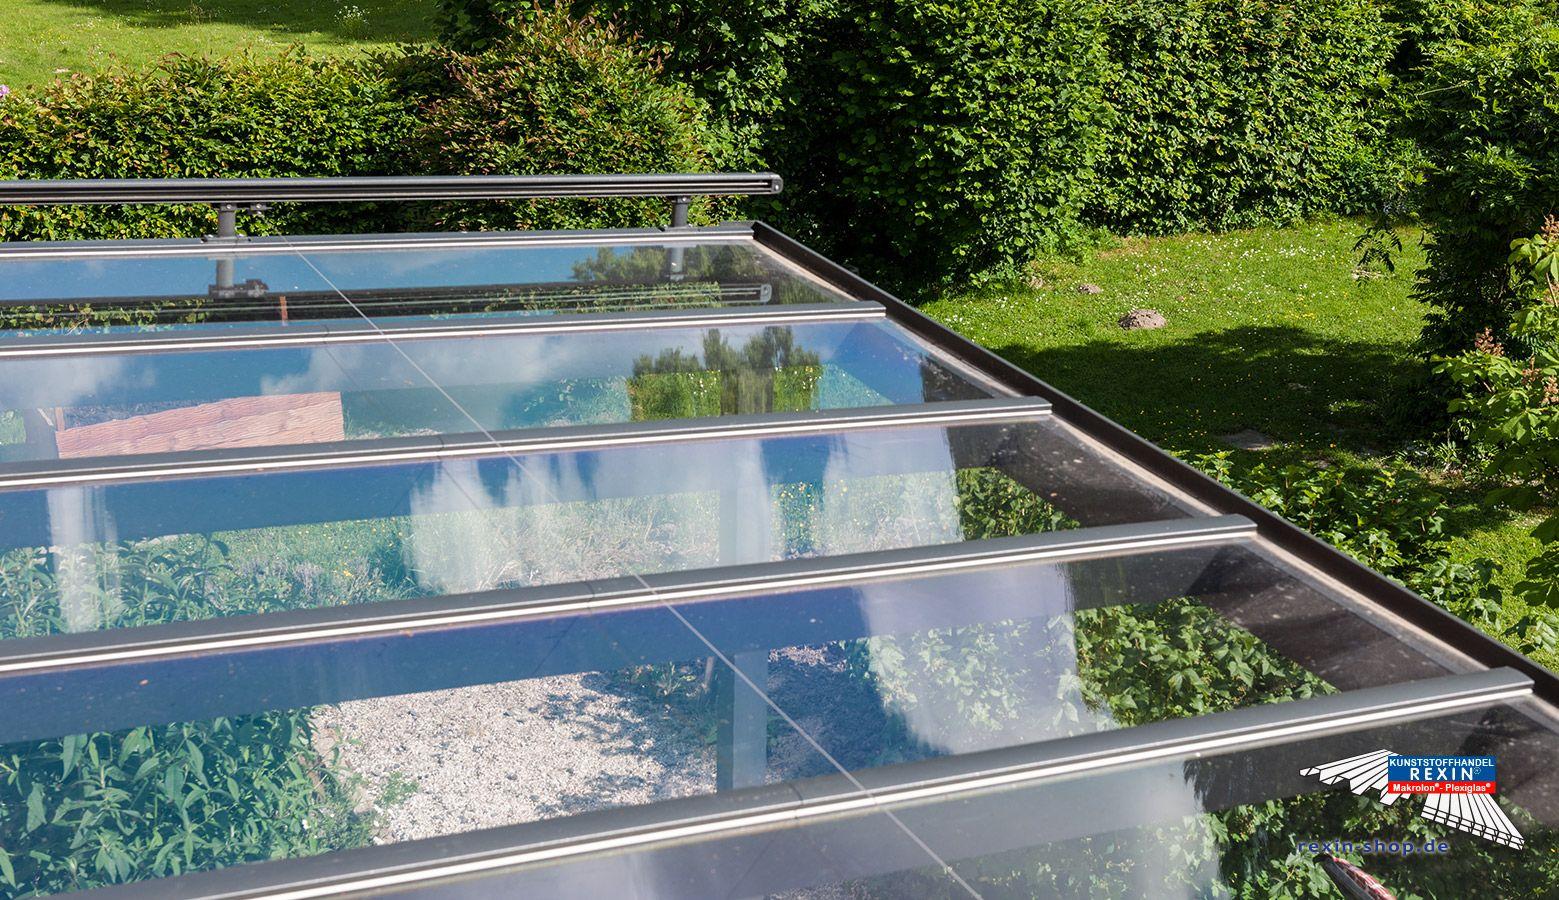 Ein Alu Terrassendach Der Marke Rexopremium Titan 5m X 2 9m In Anthrazit Mit Makrolon Uv Massivplatten Uberdachungen Uberdachung Terrasse Terrassenuberdachung